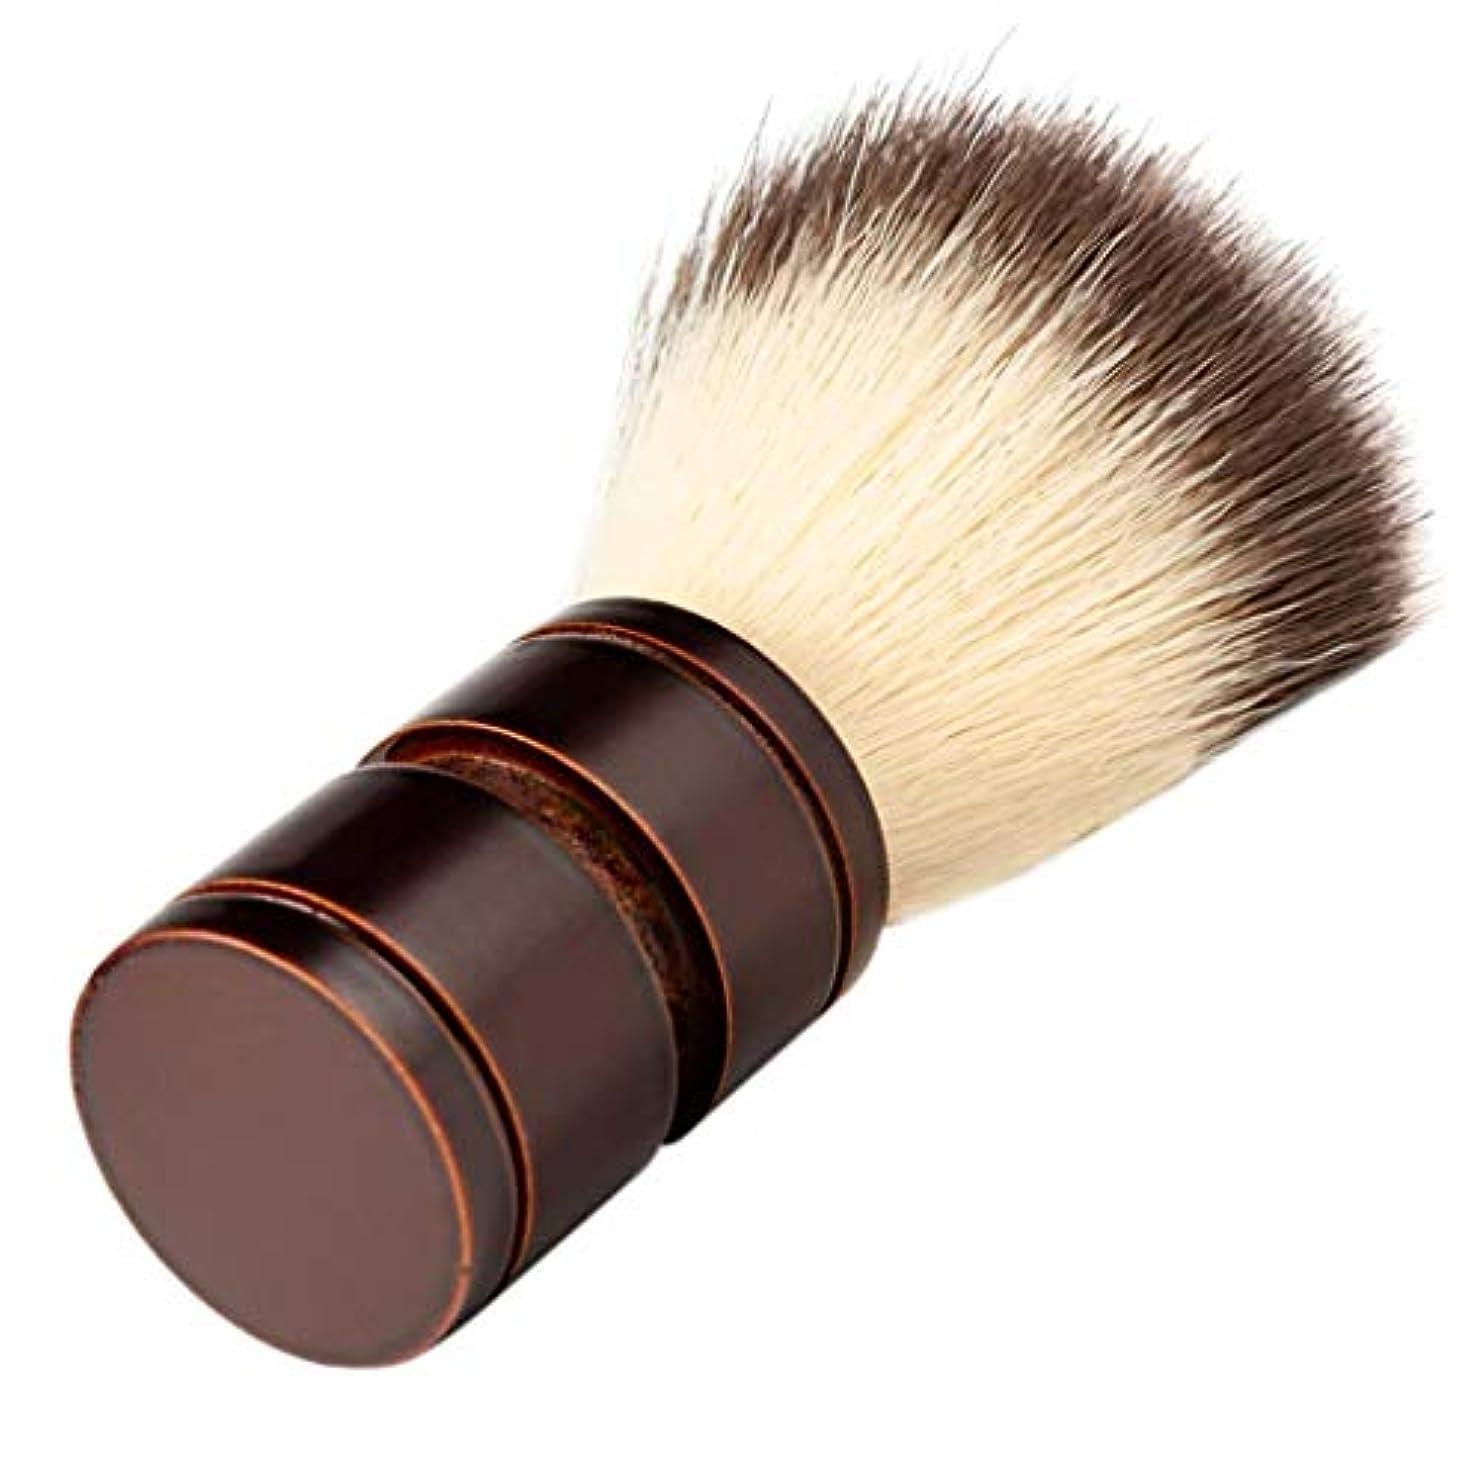 植物学者購入慎重Hellery ひげブラシ シェービングブラシ ひげ剃り 柔らかい 髭剃り 泡立ち 理容 美容ツール